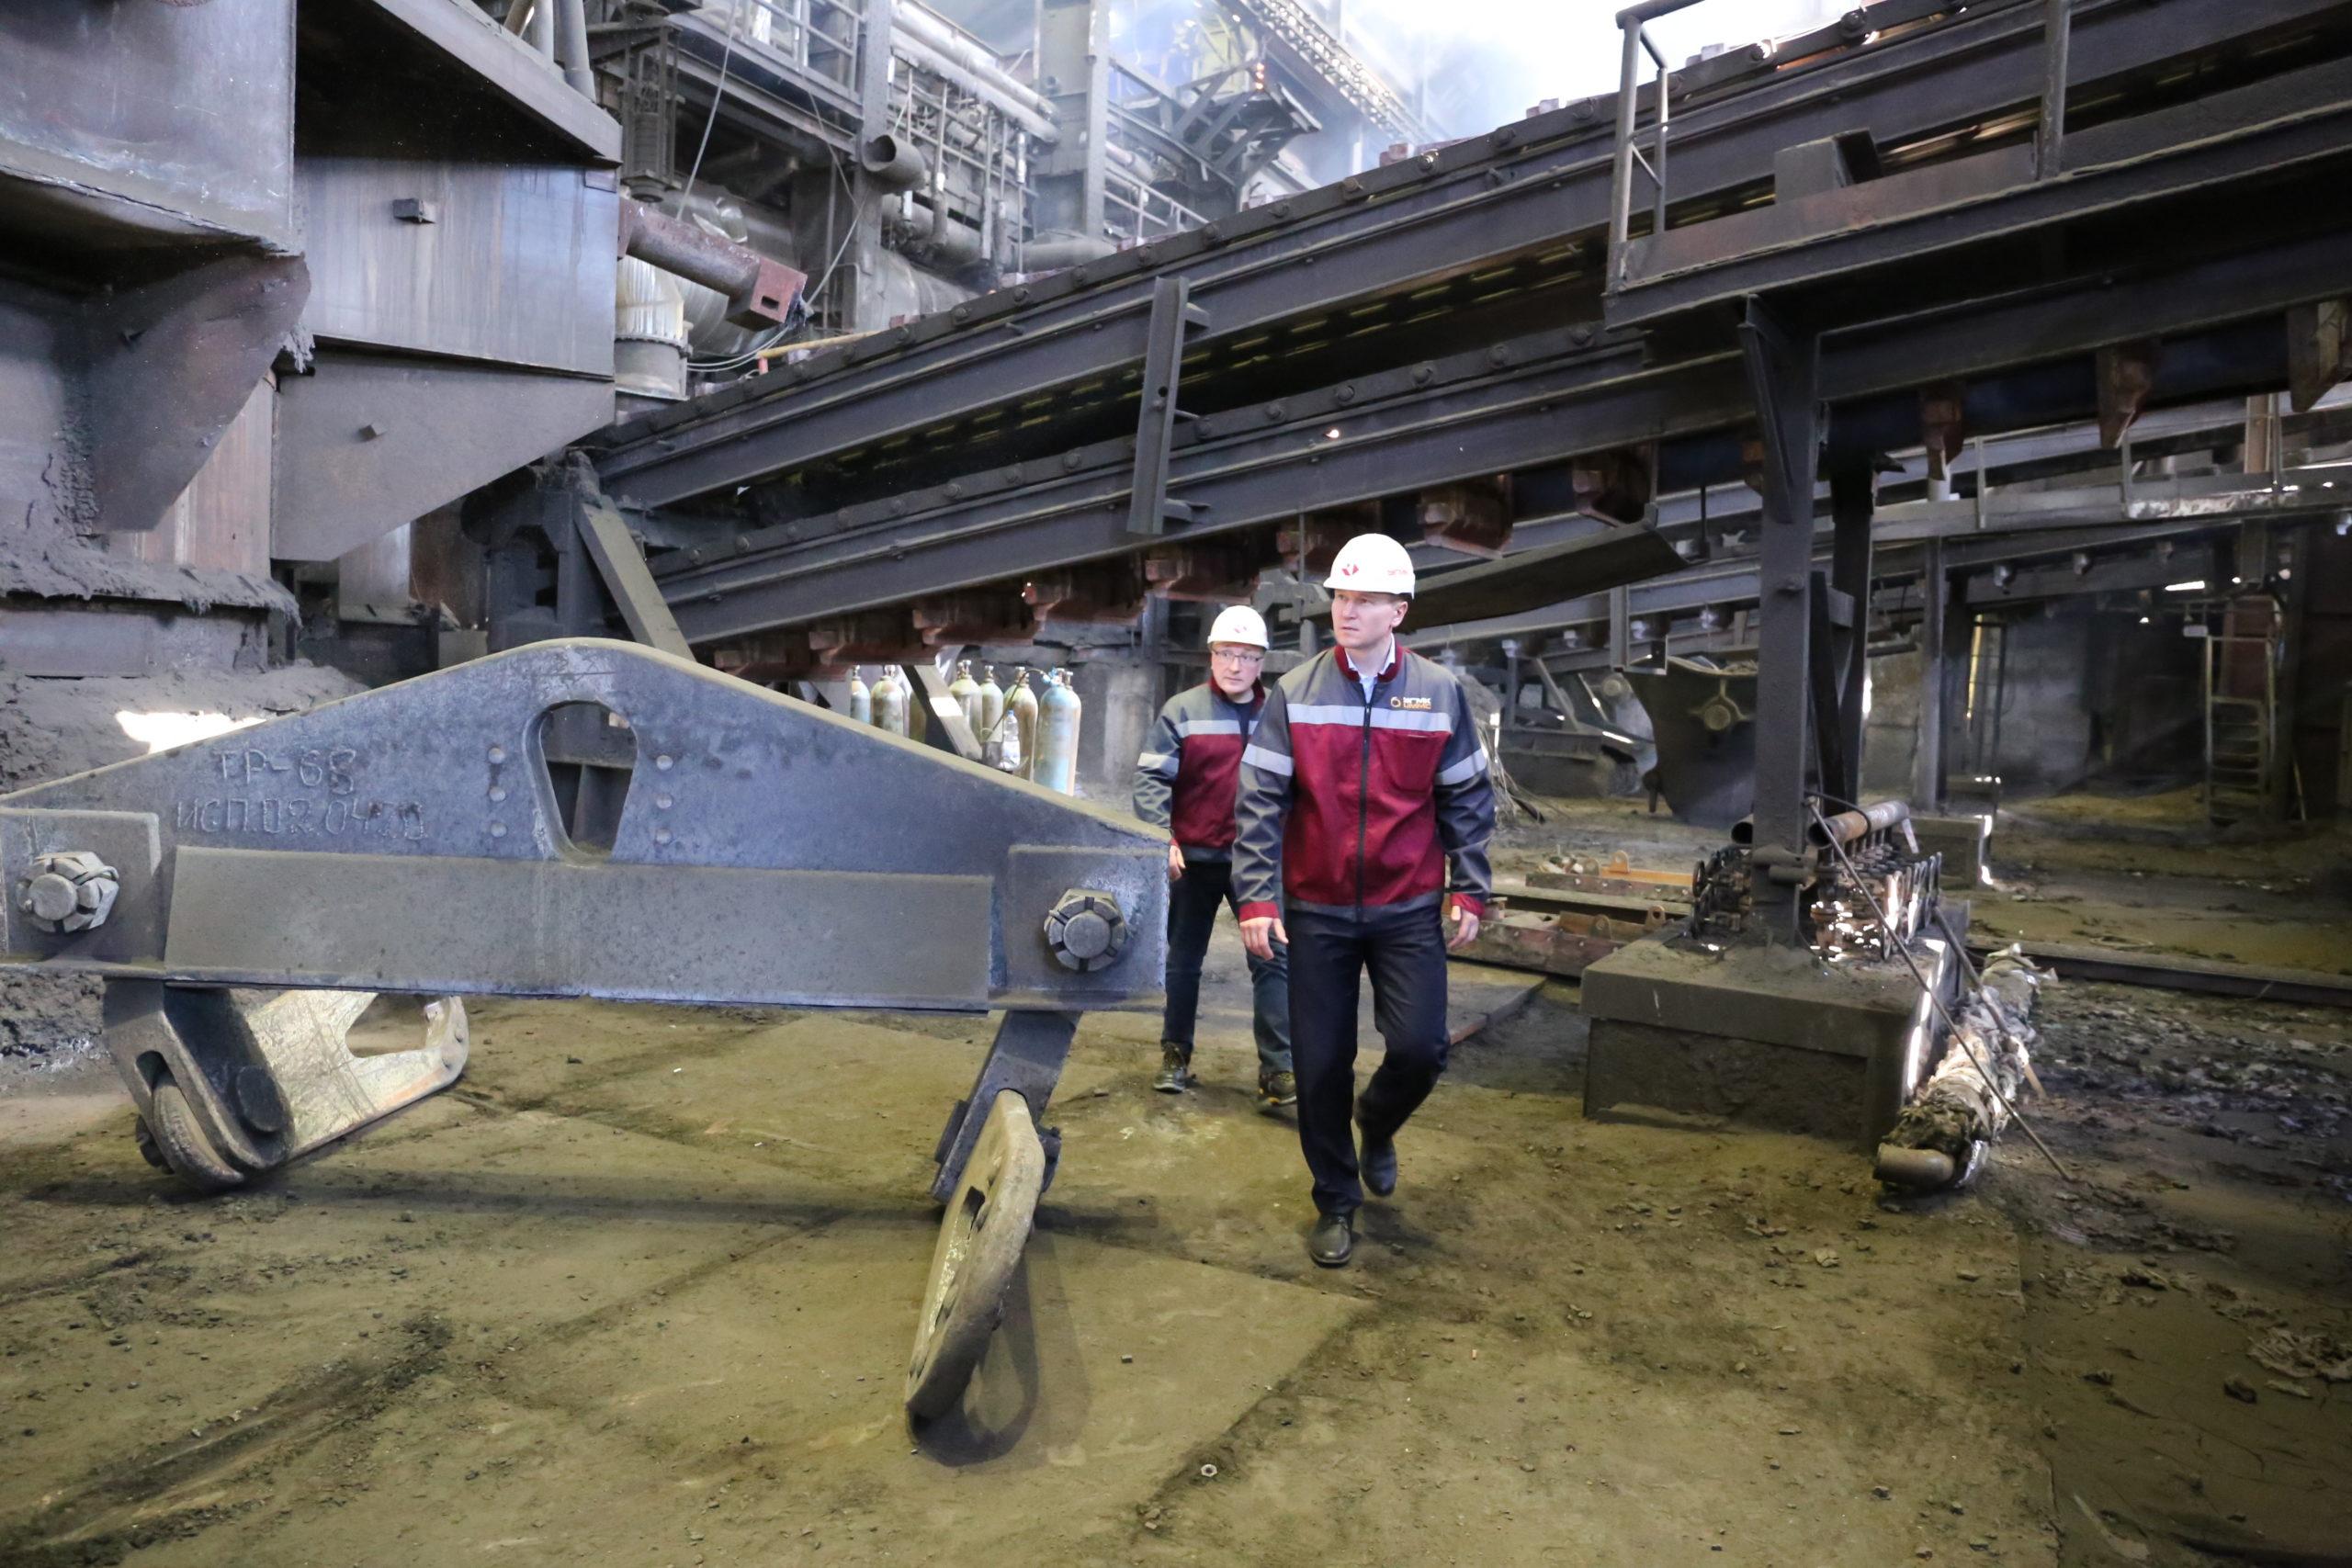 На Медногорском медно-серном комбинате будут созданы совместные с профсоюзом комиссии для решения наиболее актуальных вопросов условий труда рабочих